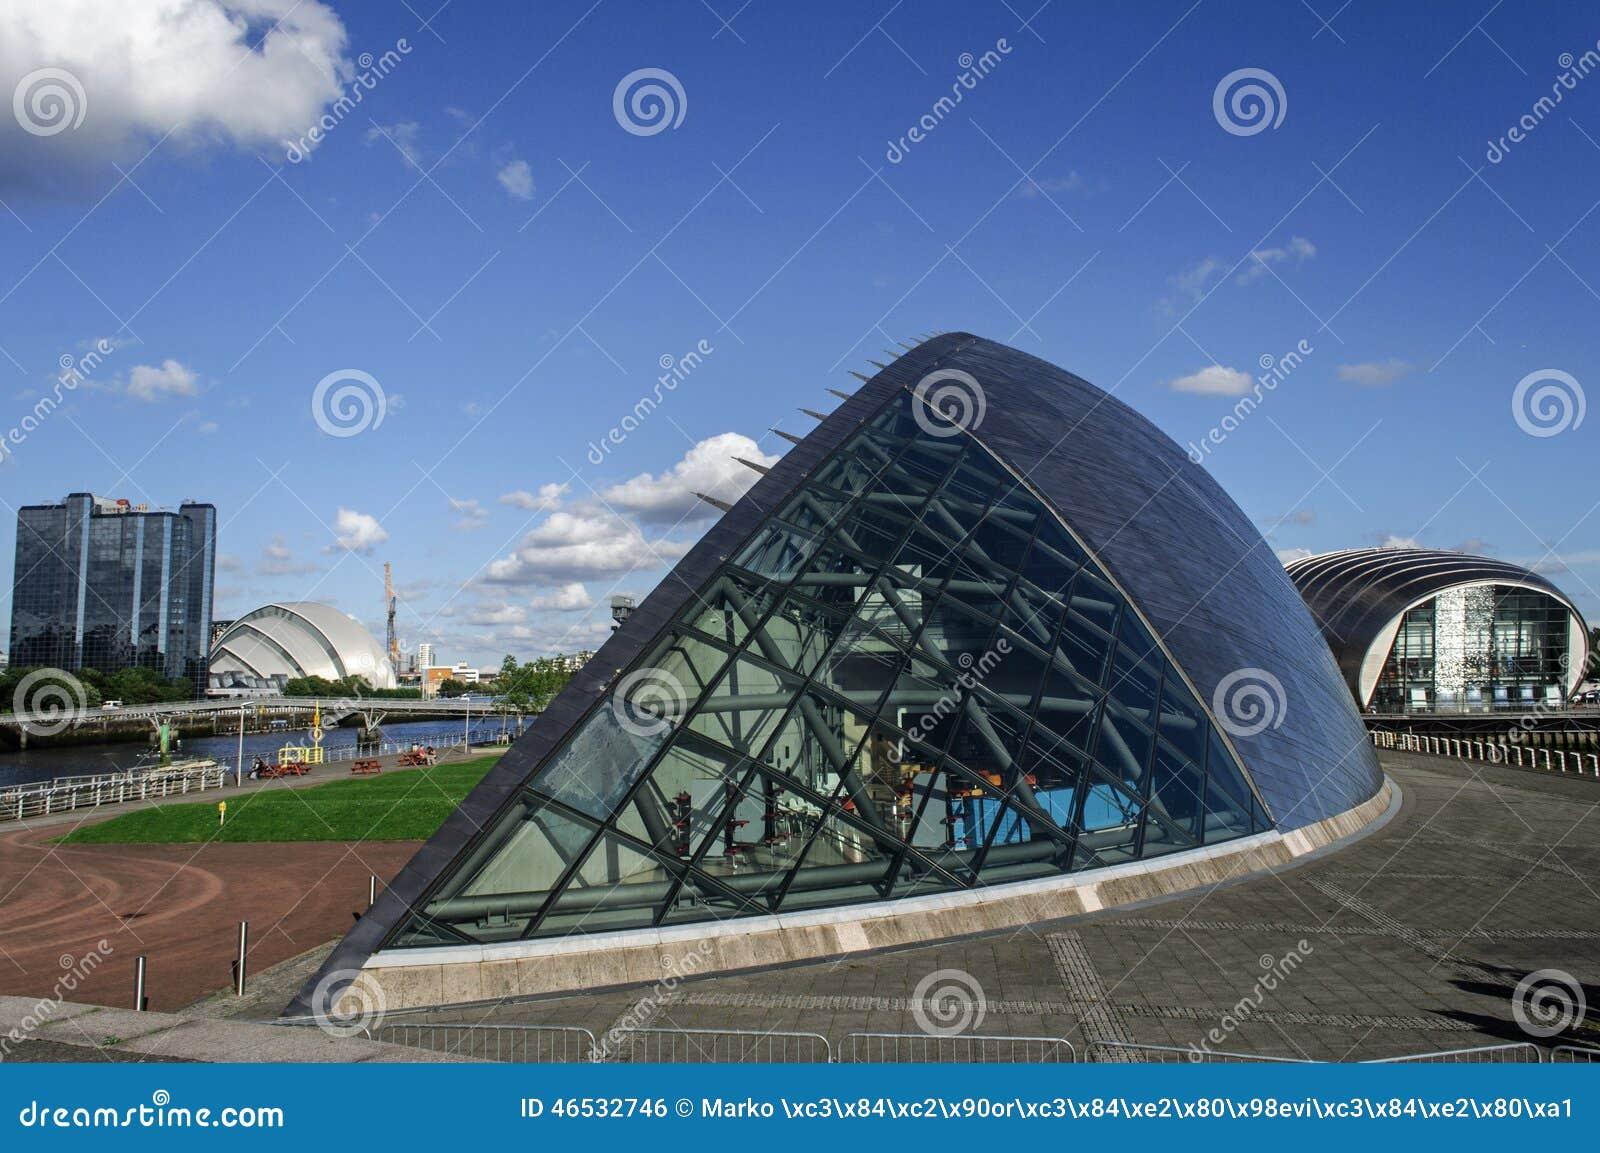 Futurystyczny budynek imax kino